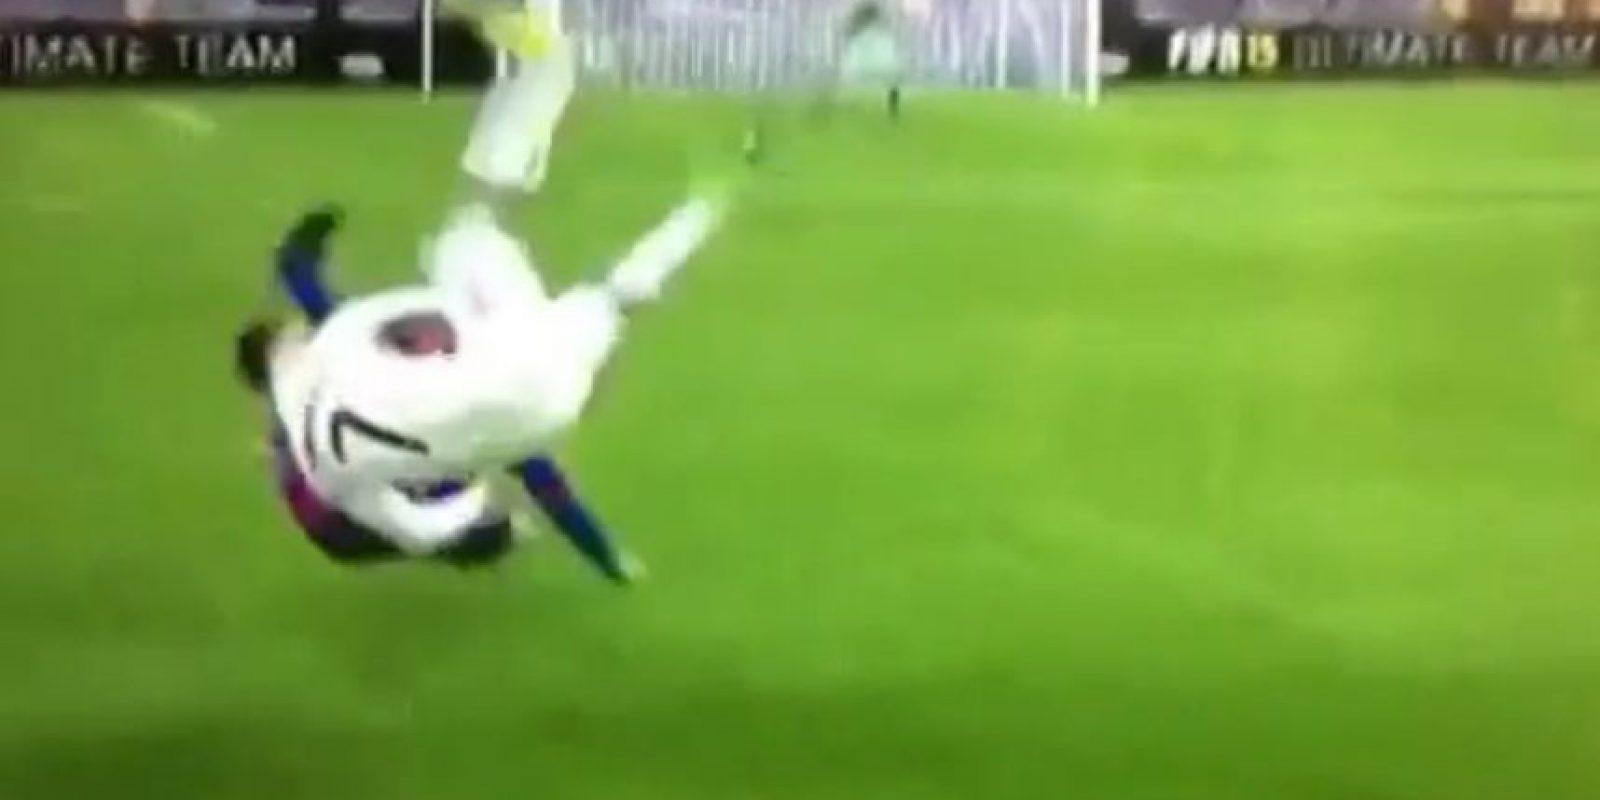 Cristiano Ronaldo parece hacer una llave contra un futbolista del Barcelona. Foto:Vine